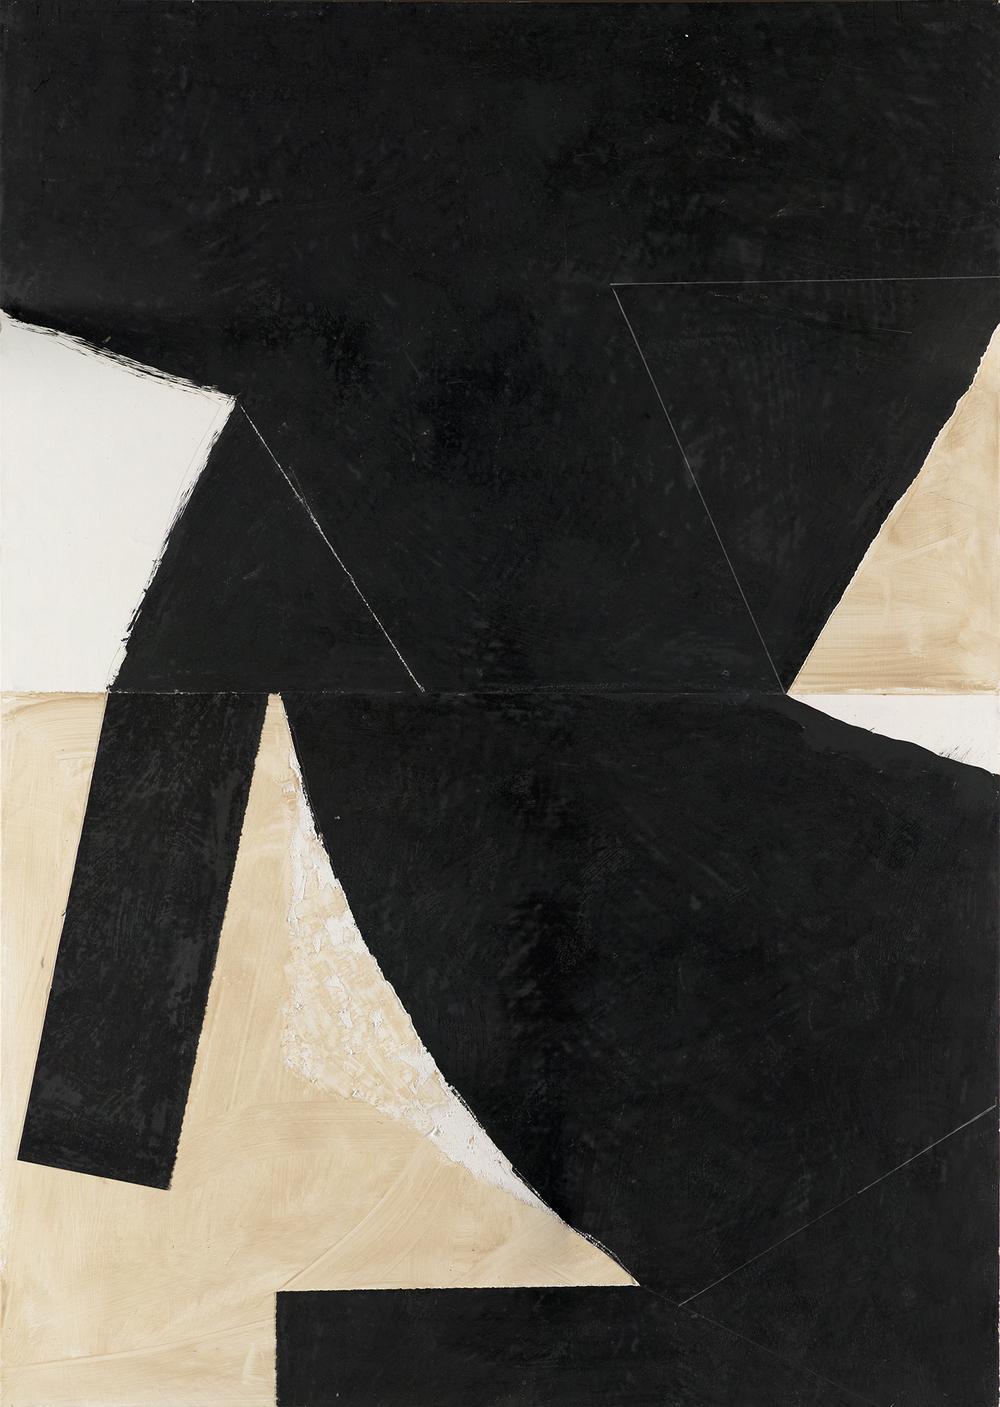 Elephant Noise. 2012. 60 x 44.